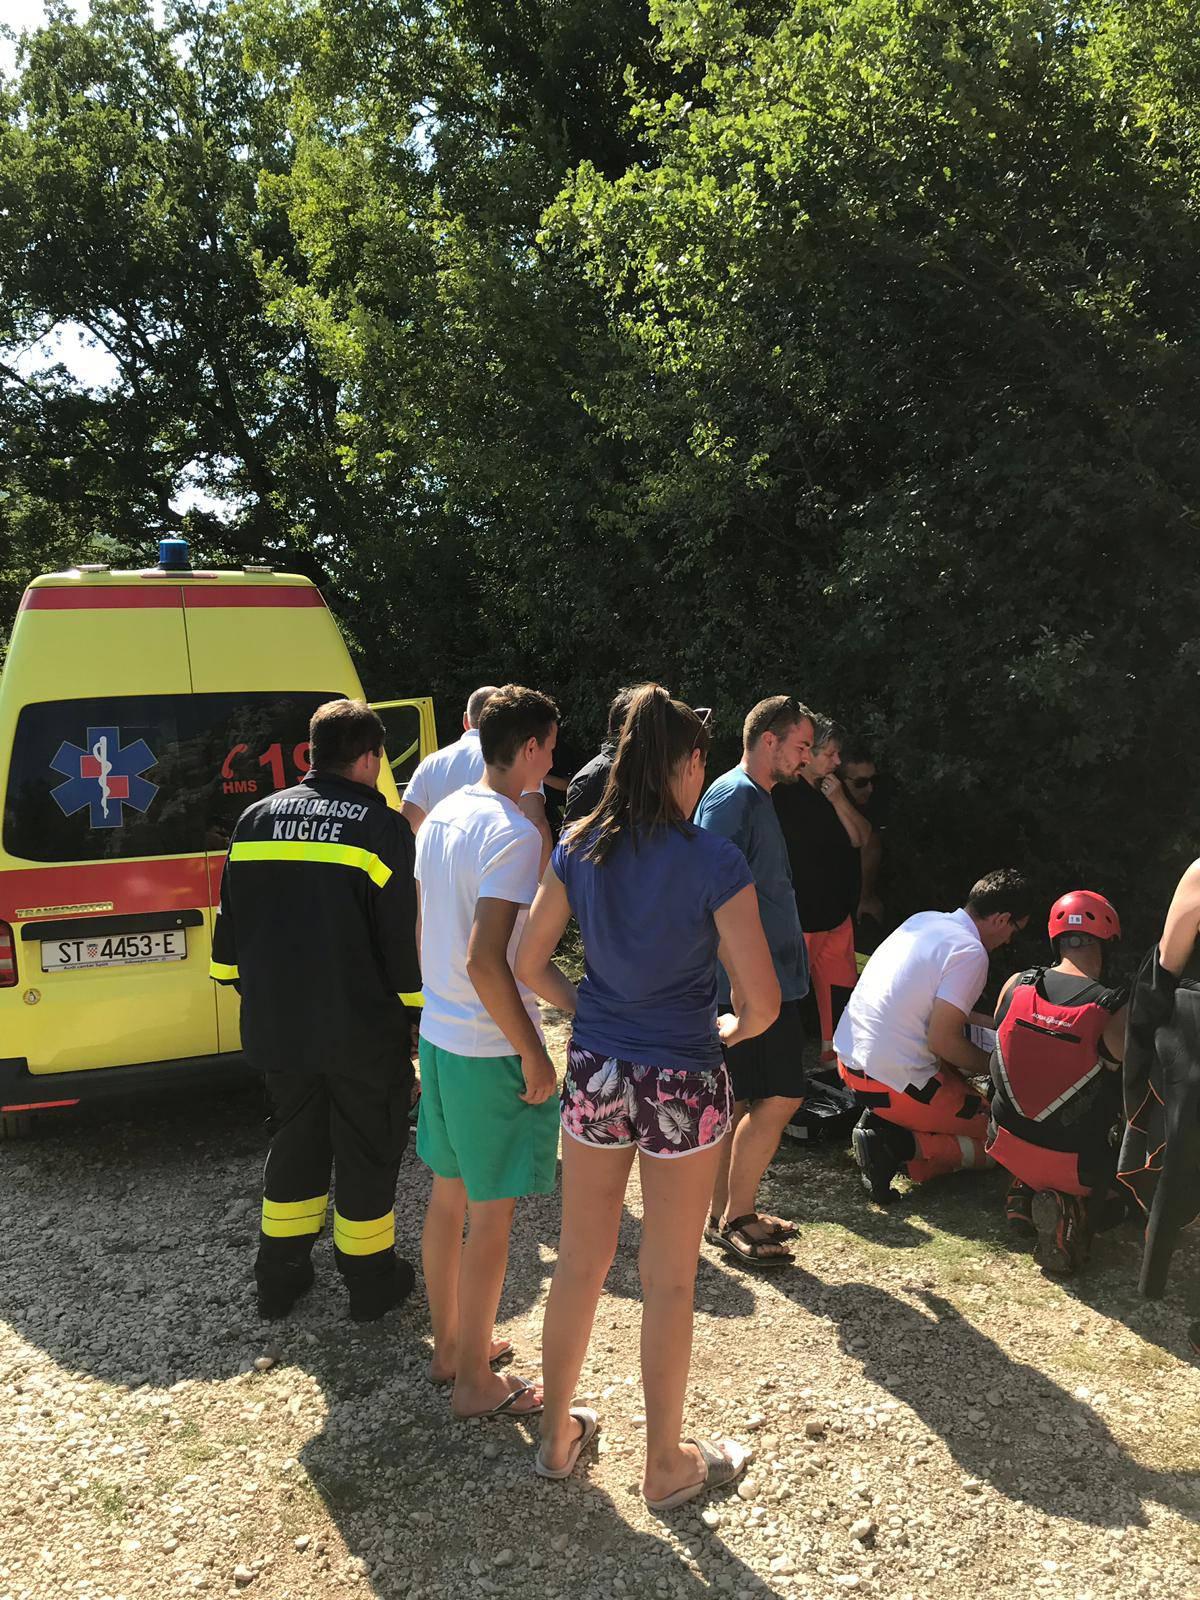 Nesreća kod Omiša: U kanjonu Cetine ozlijedila se jedna žena